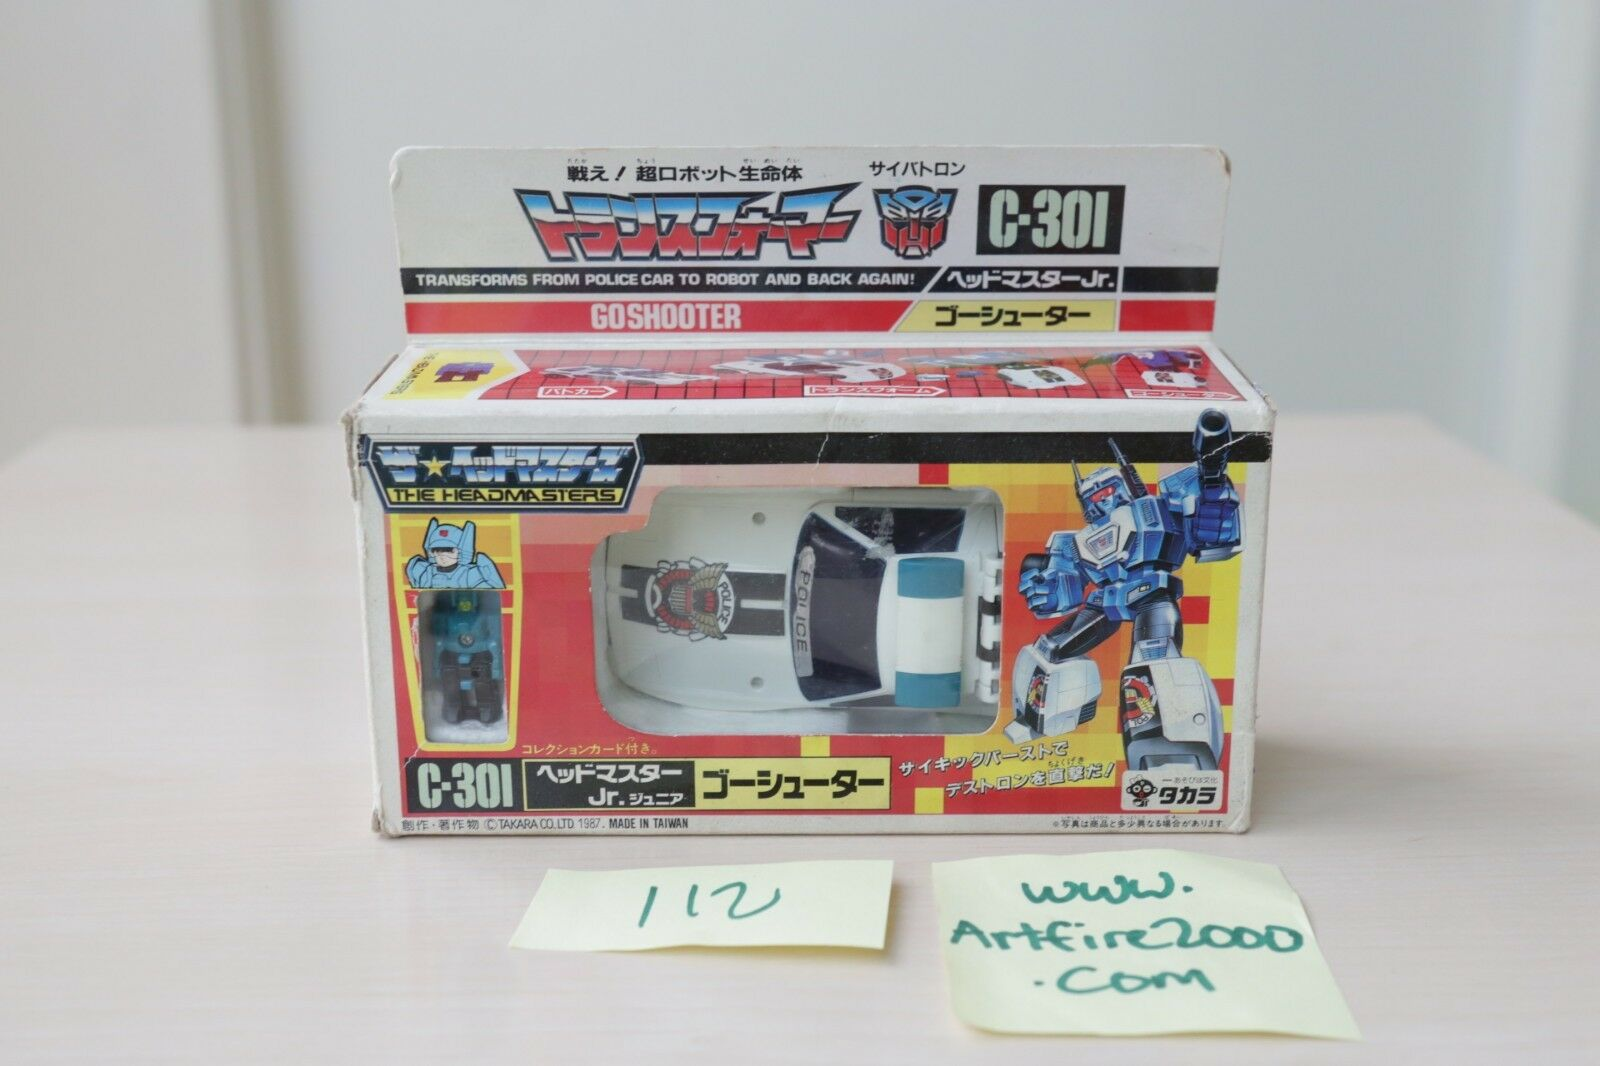 Japanese G1 Goshooter Shuta Go C-301 Siren Transformers Powermaster MIB